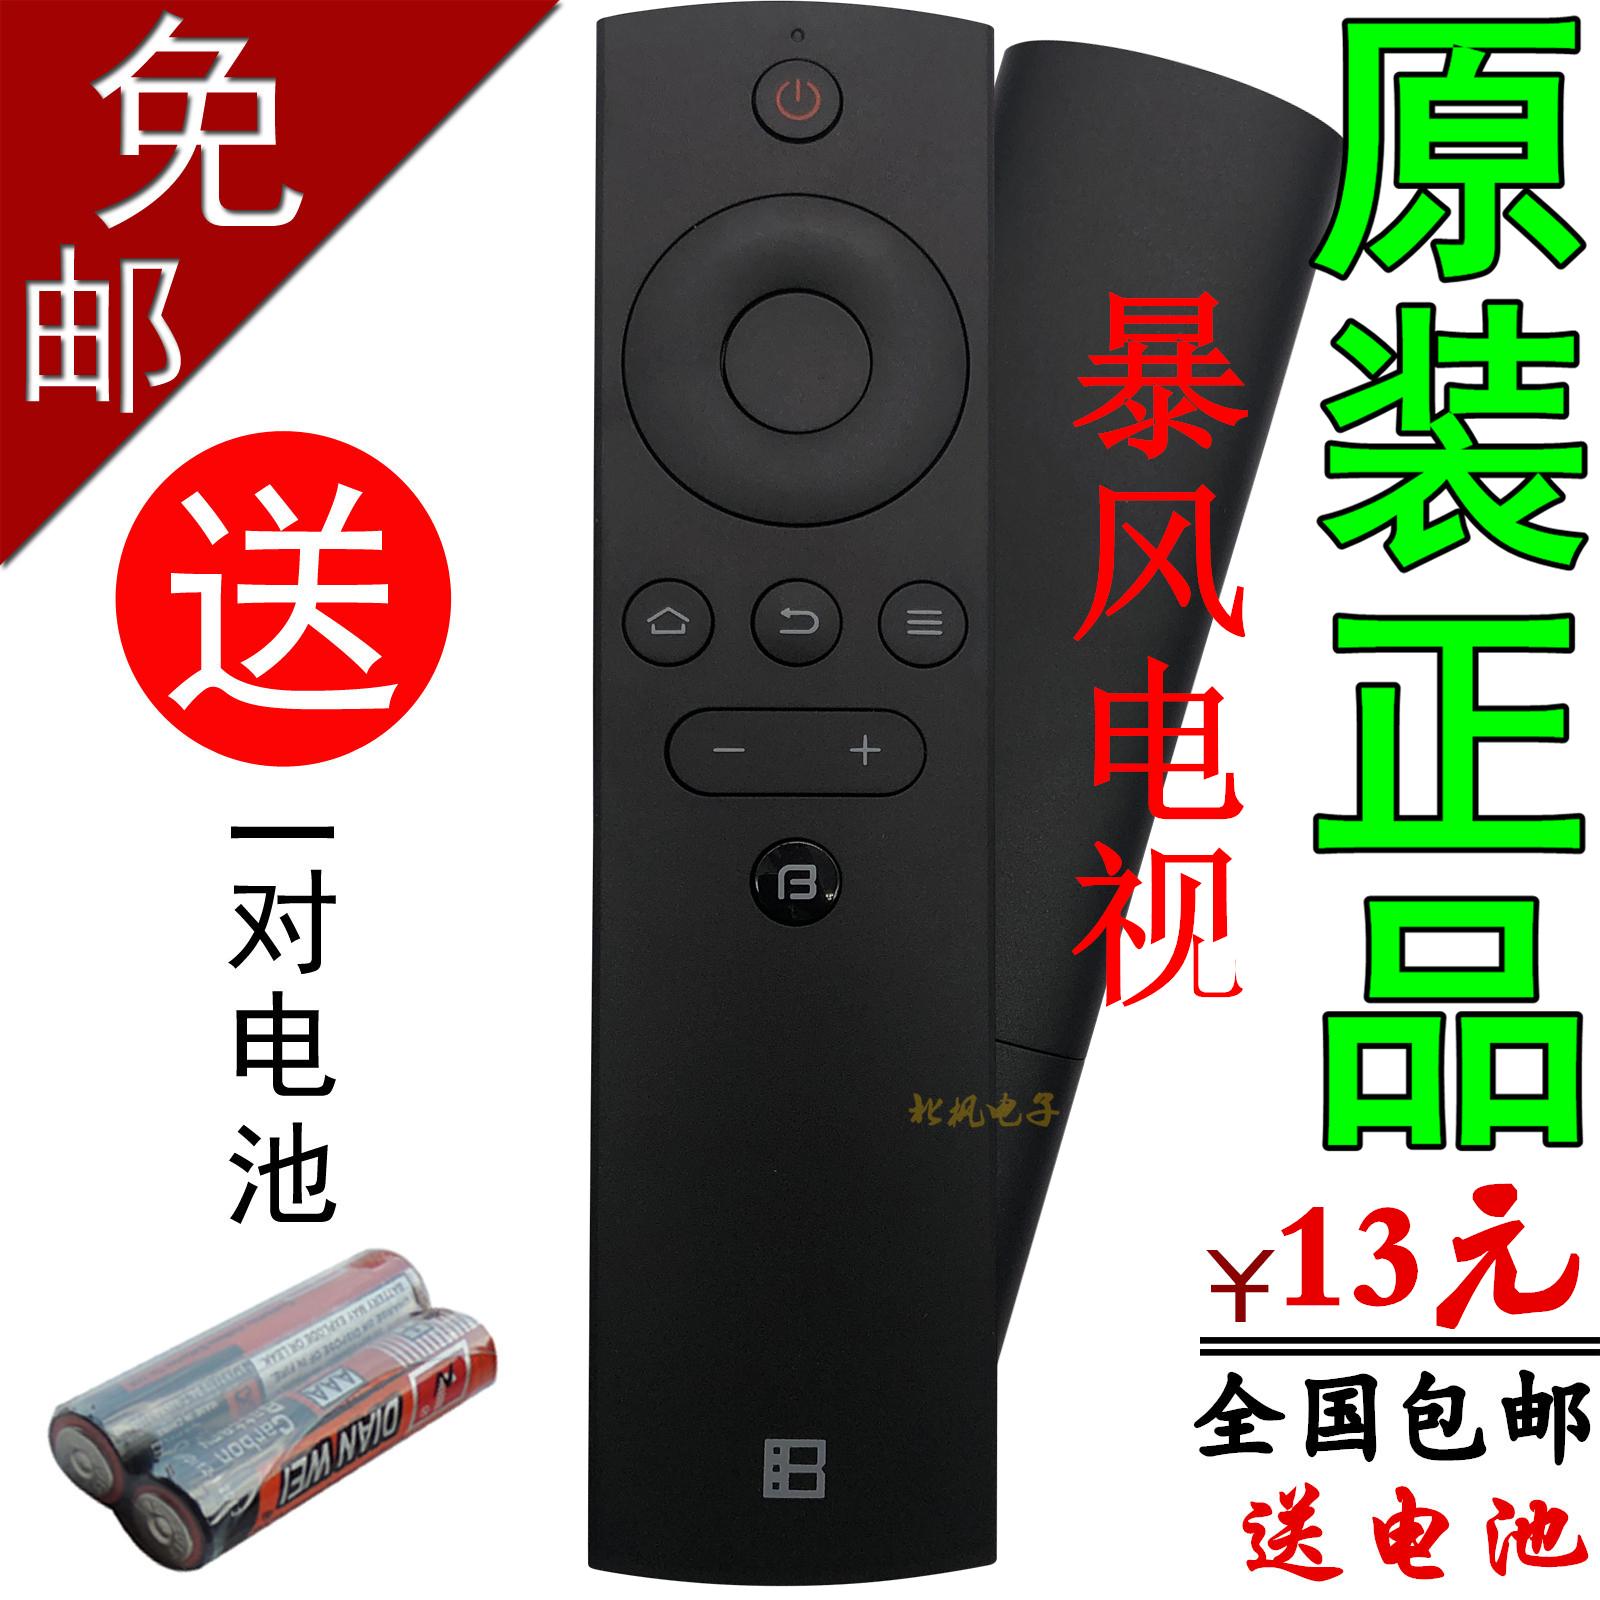 原裝BFTV/暴風TV 遙控器 適用於暴風TV所有超體電視 暴風電視通用